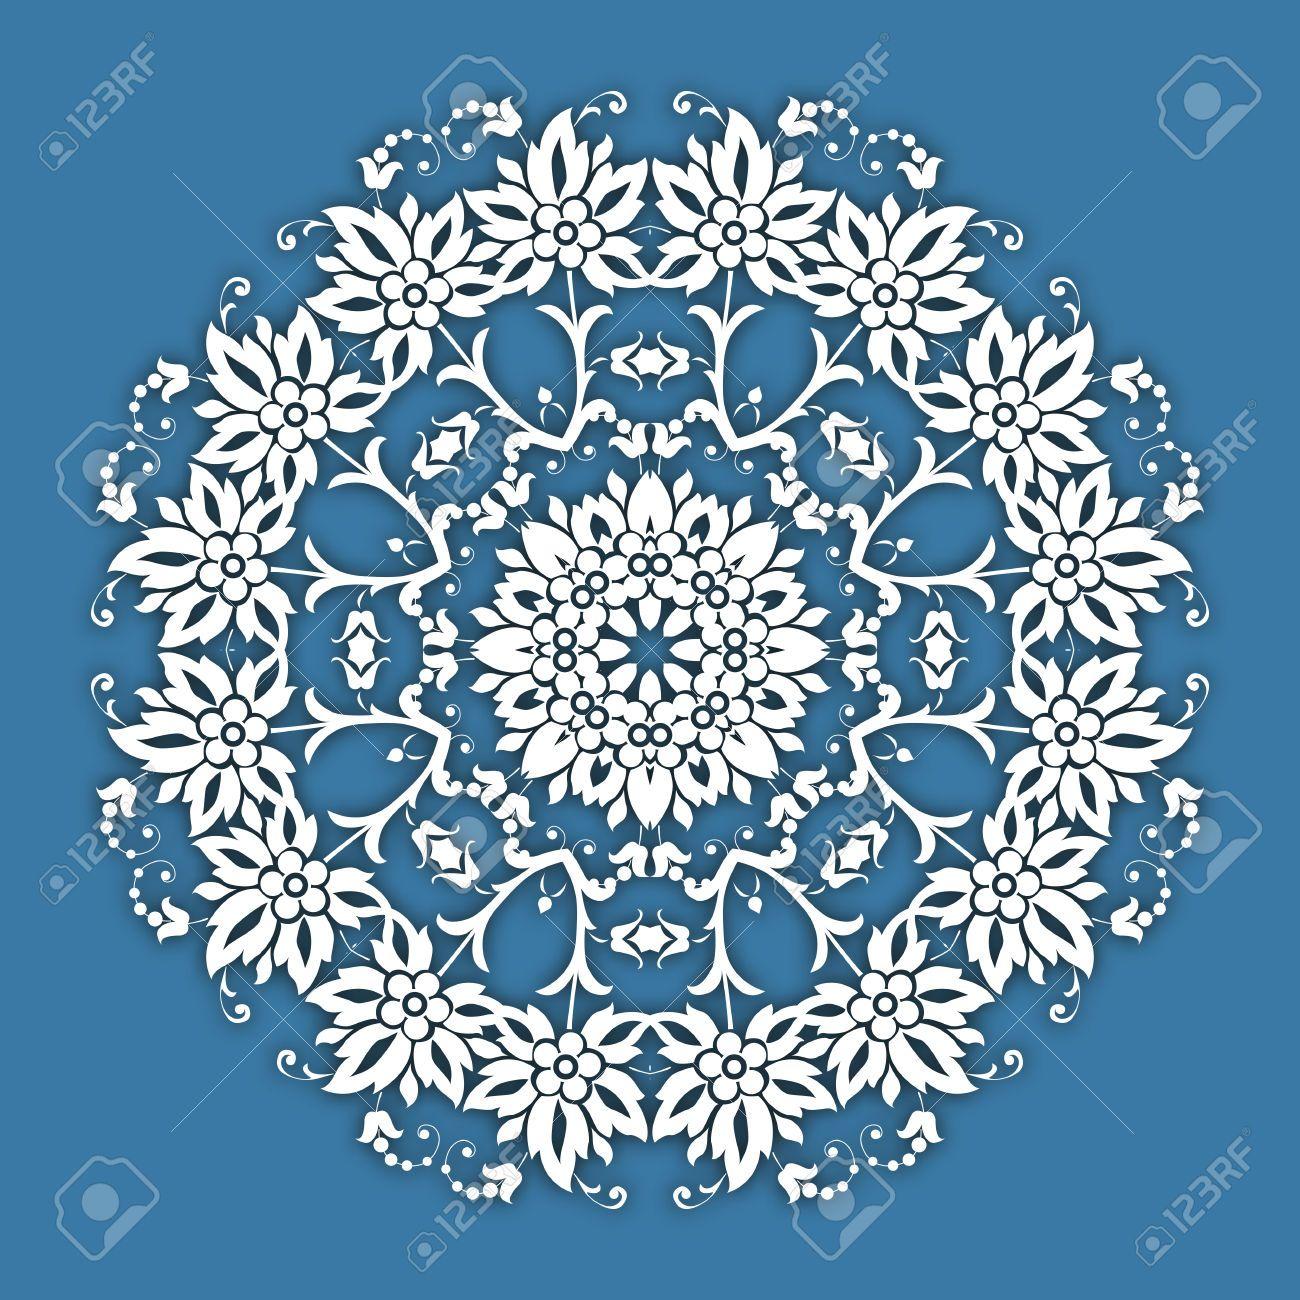 Resumen De Vectores Frontera Del Círculo Ornamental Floral. Vector ...